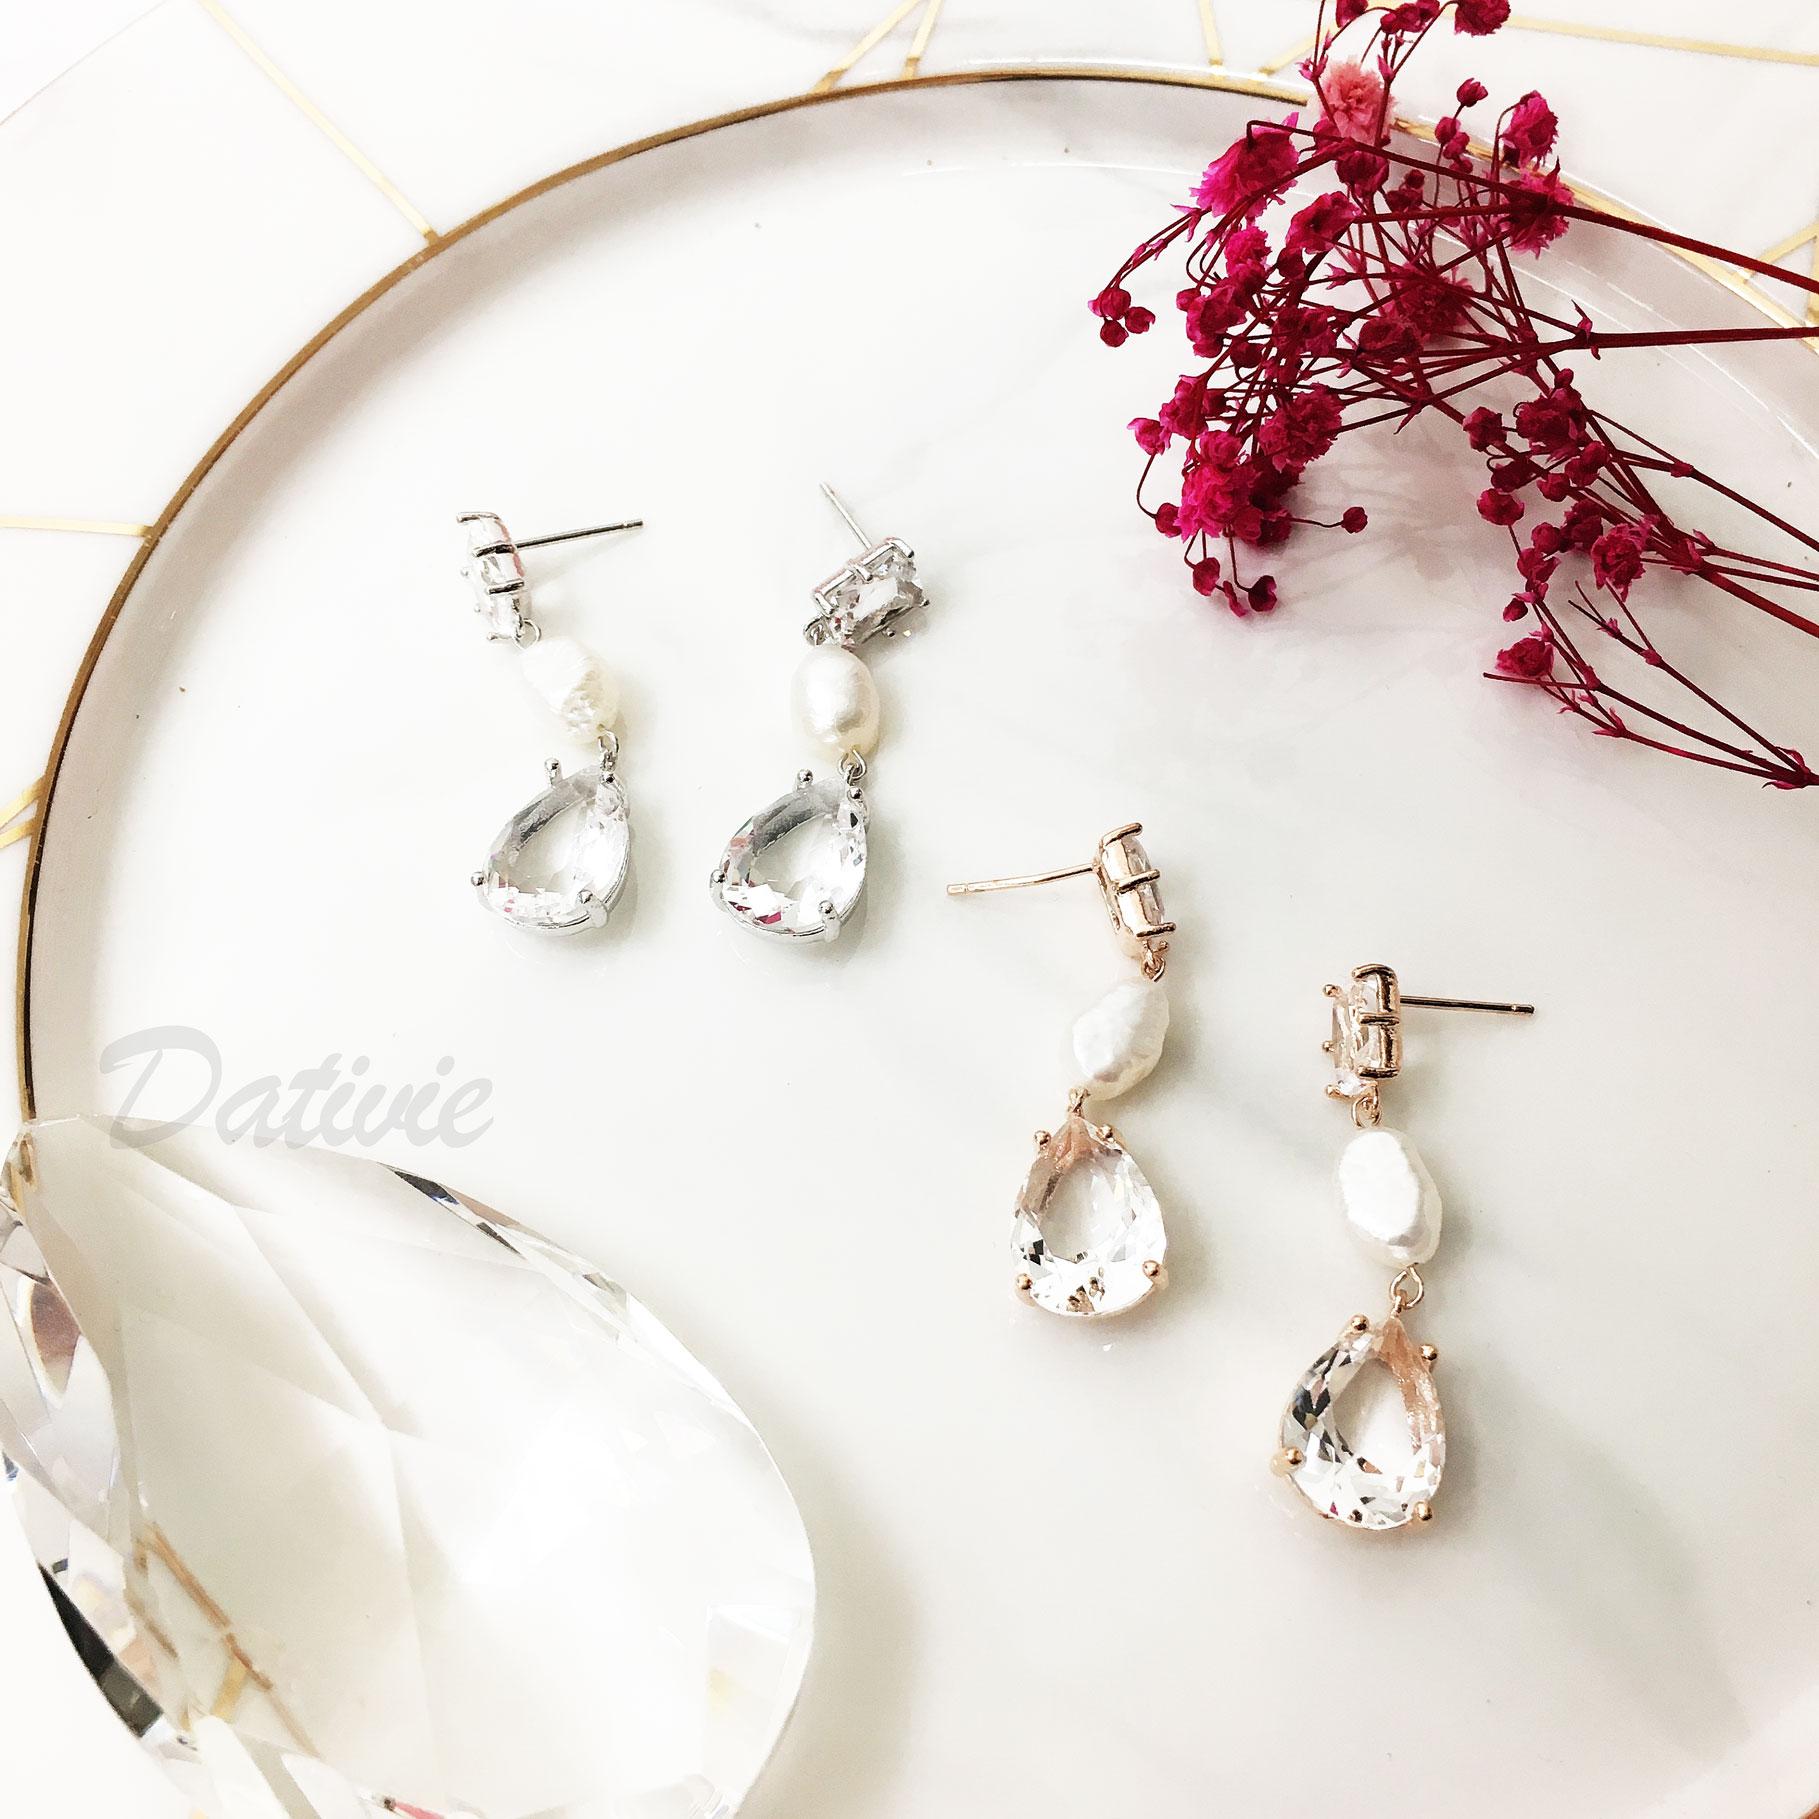 韓國 925純銀 珍珠水滴水鑽 垂墜簡約質感 針式耳環